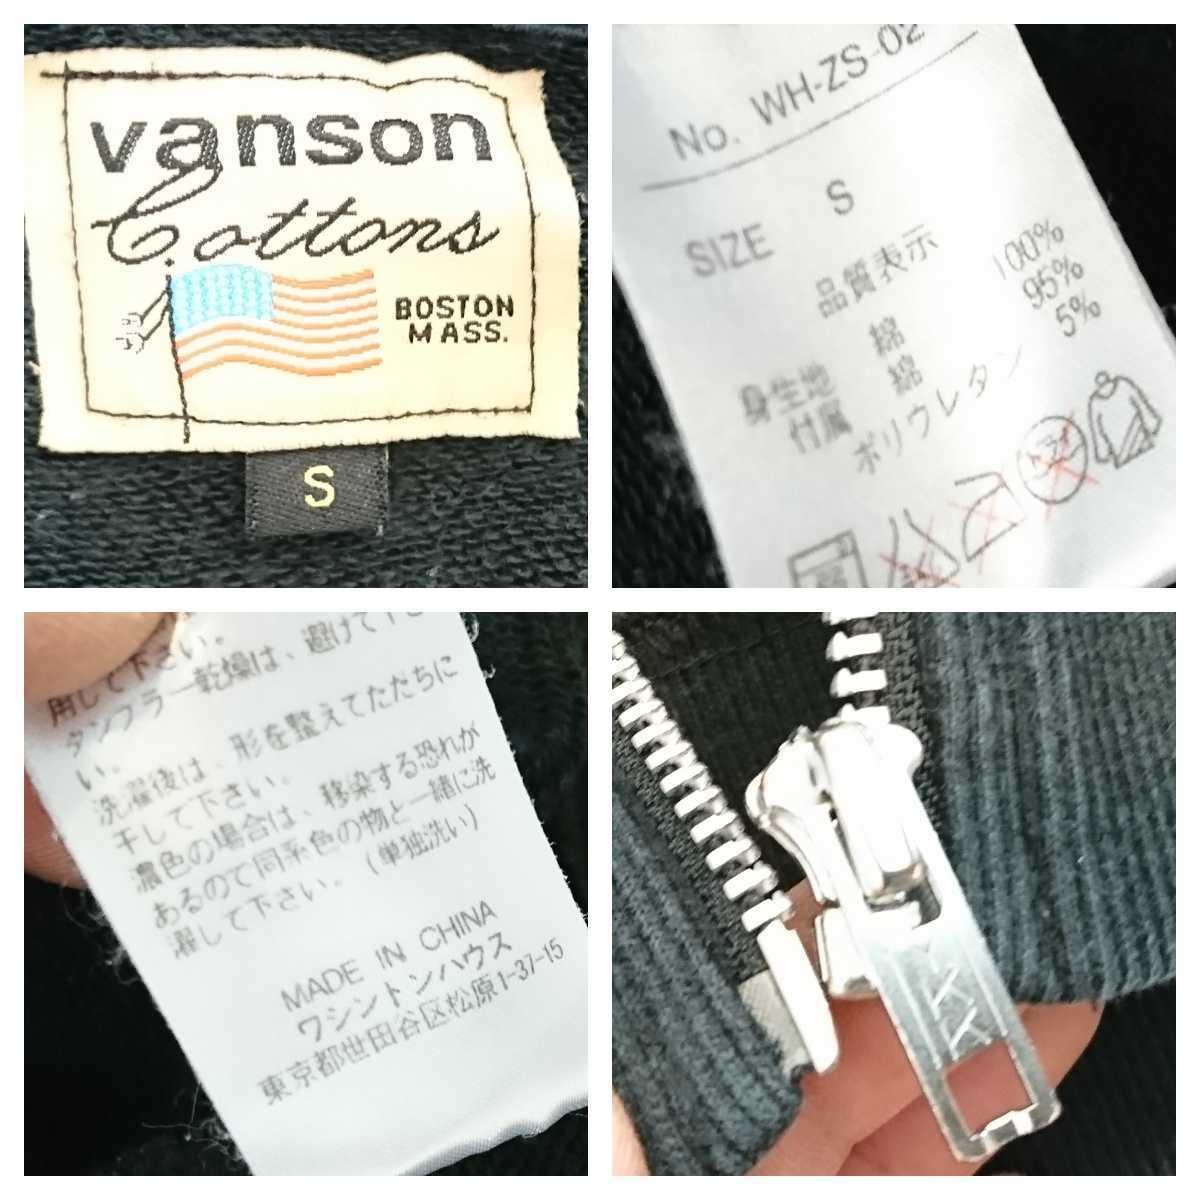 VANSON バンソンスウェットパーカー 黒色 Sサイズ(小さめ) タイトシルエット 着用感 激しい色落ちあり 検索 ハーレー アメリカンバイカー_画像3